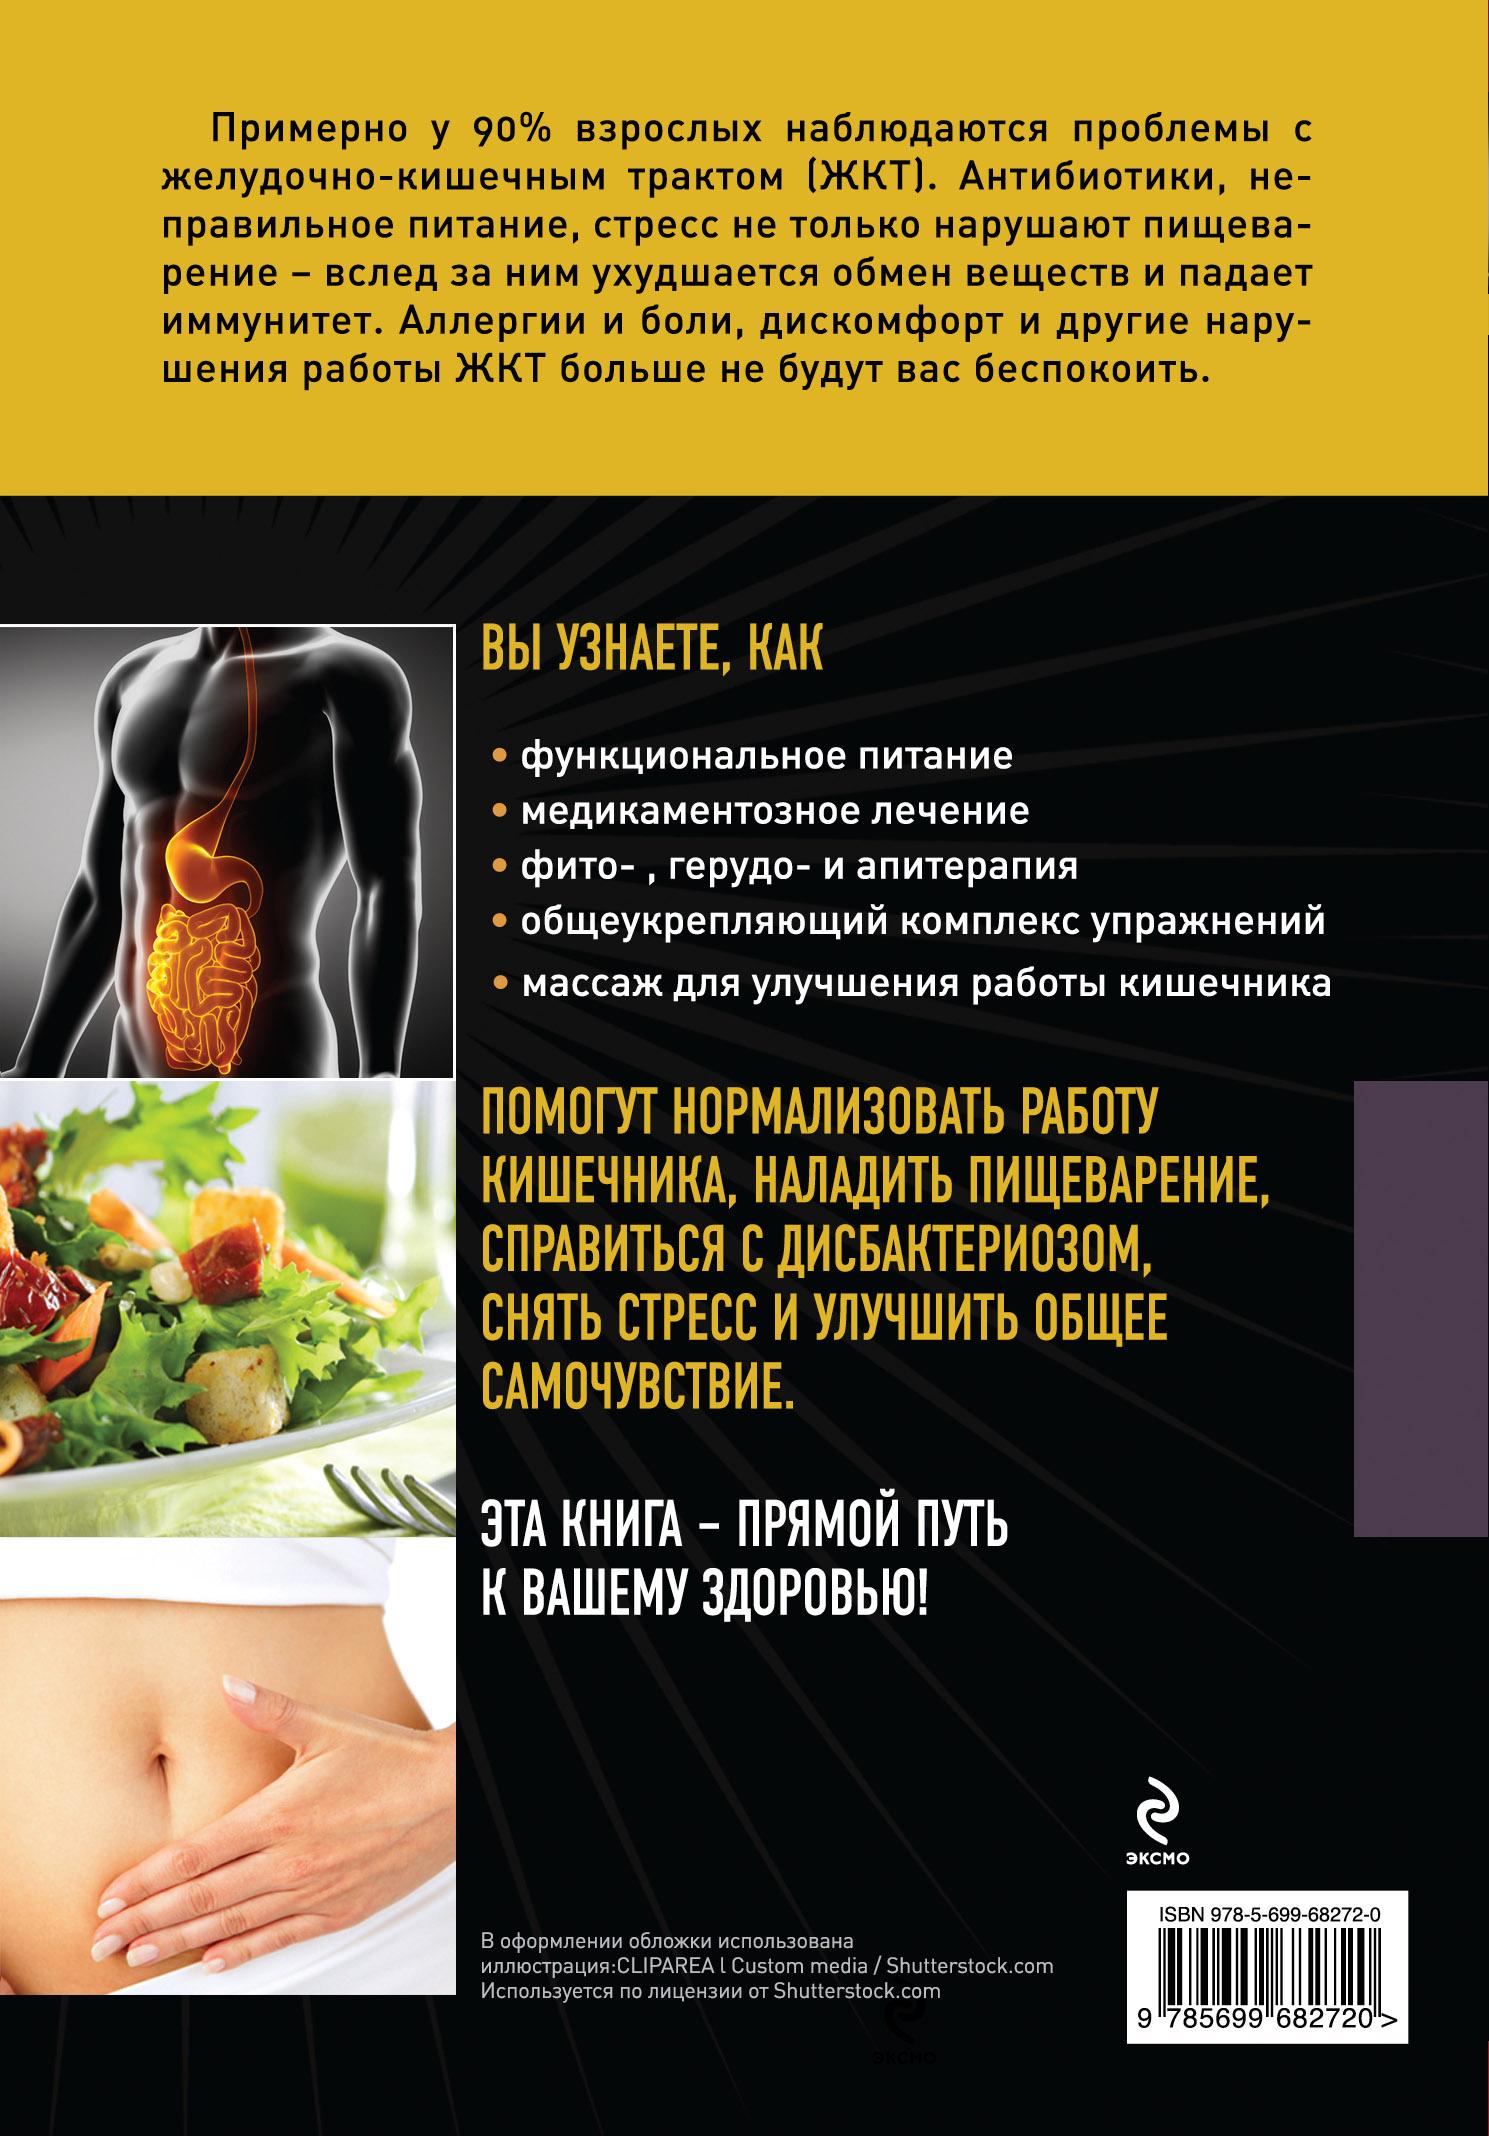 Лечебная Диета Для Кишечника 4. Диета 4 при заболеваниях кишечника – особенности лечебного стола